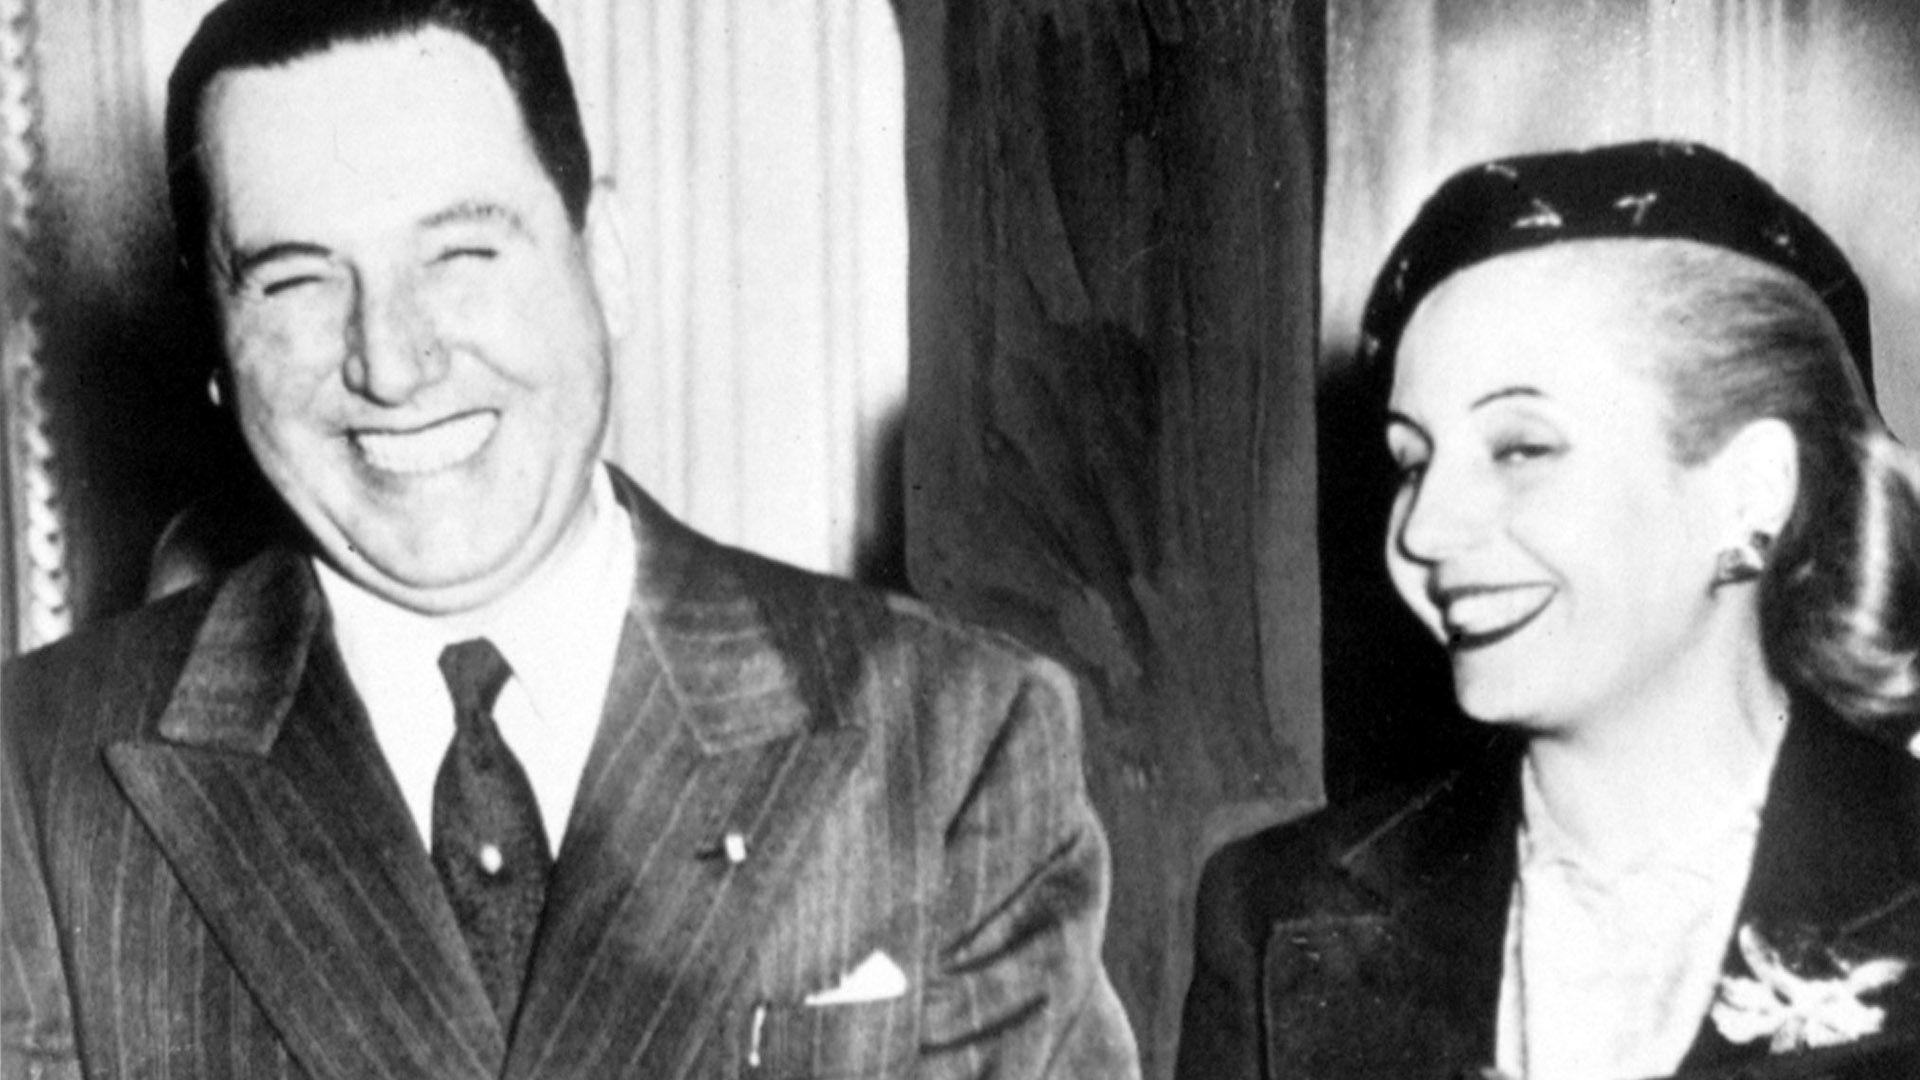 La bancada oficialista aprovechaba meter entre las leyes que se votaban los homenajes a Perón y Evita (Everett/Shutterstock)